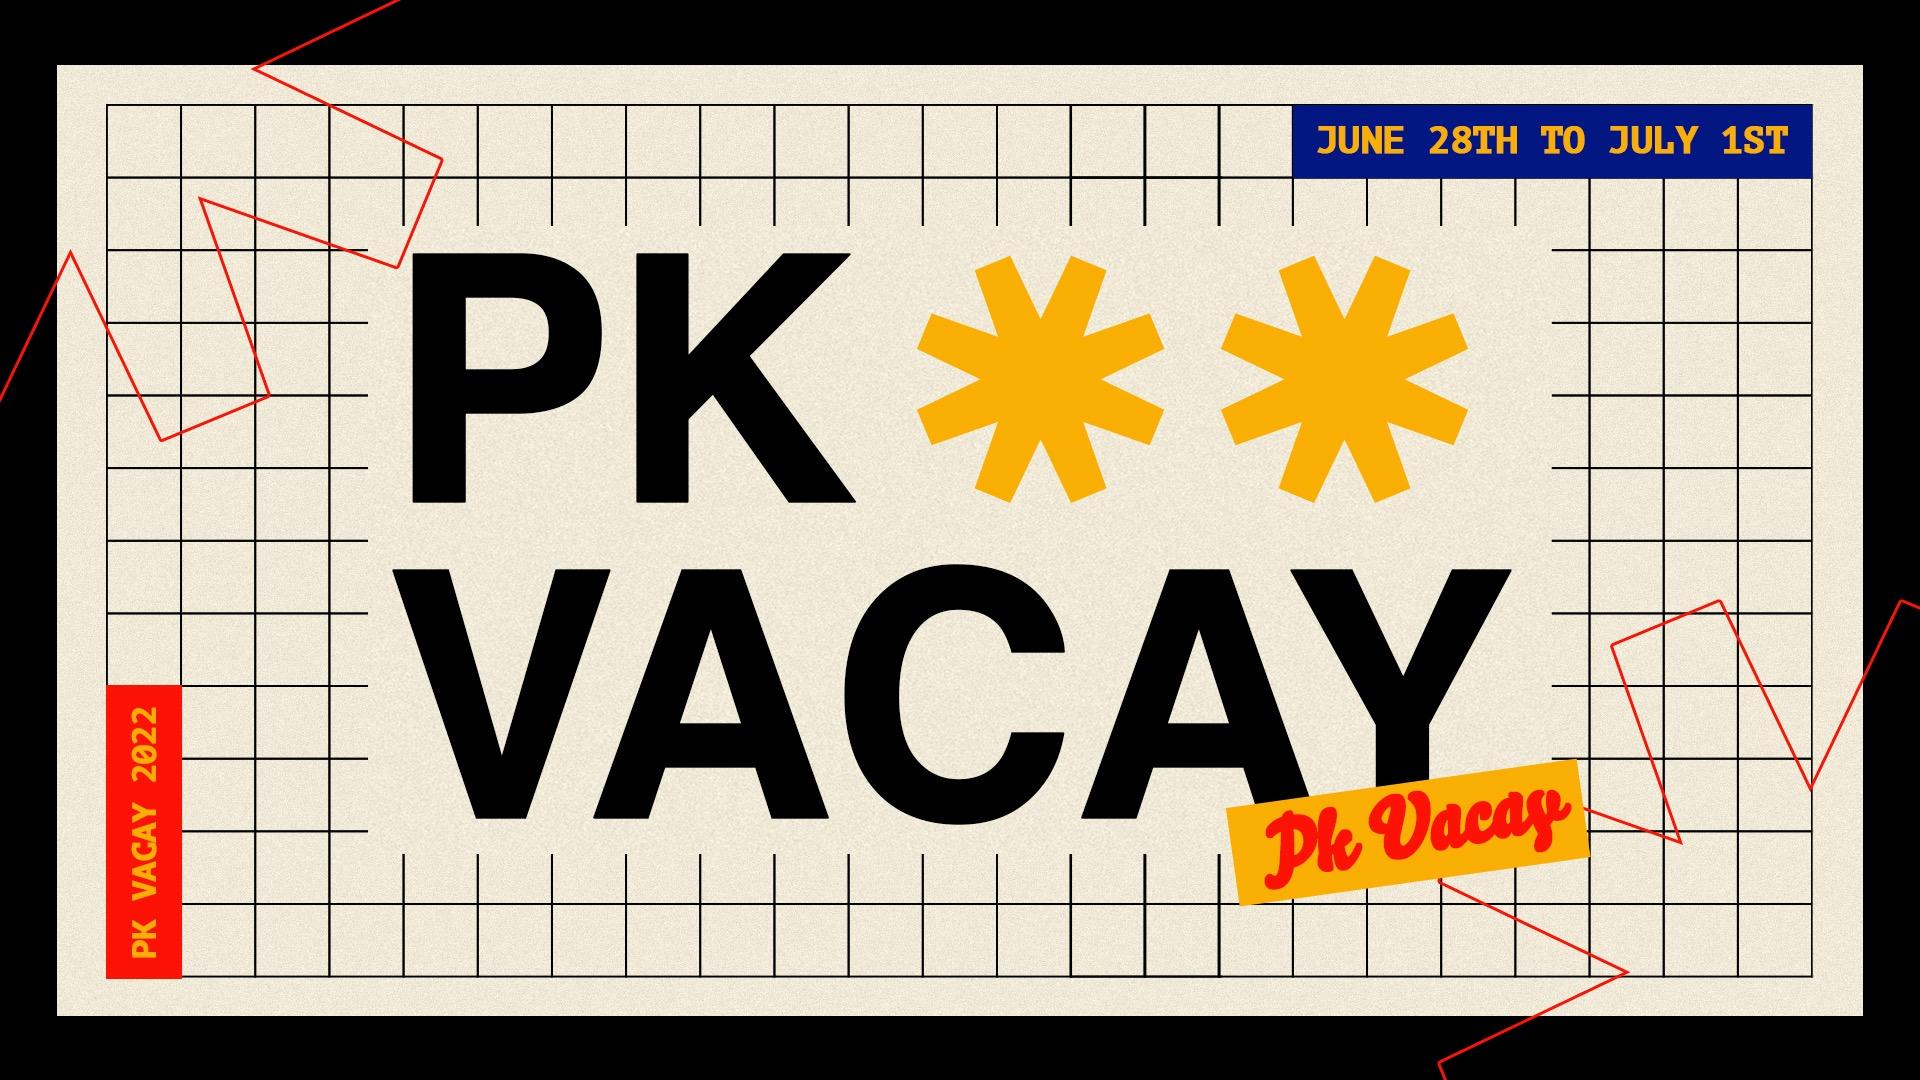 PK Vacay 2022